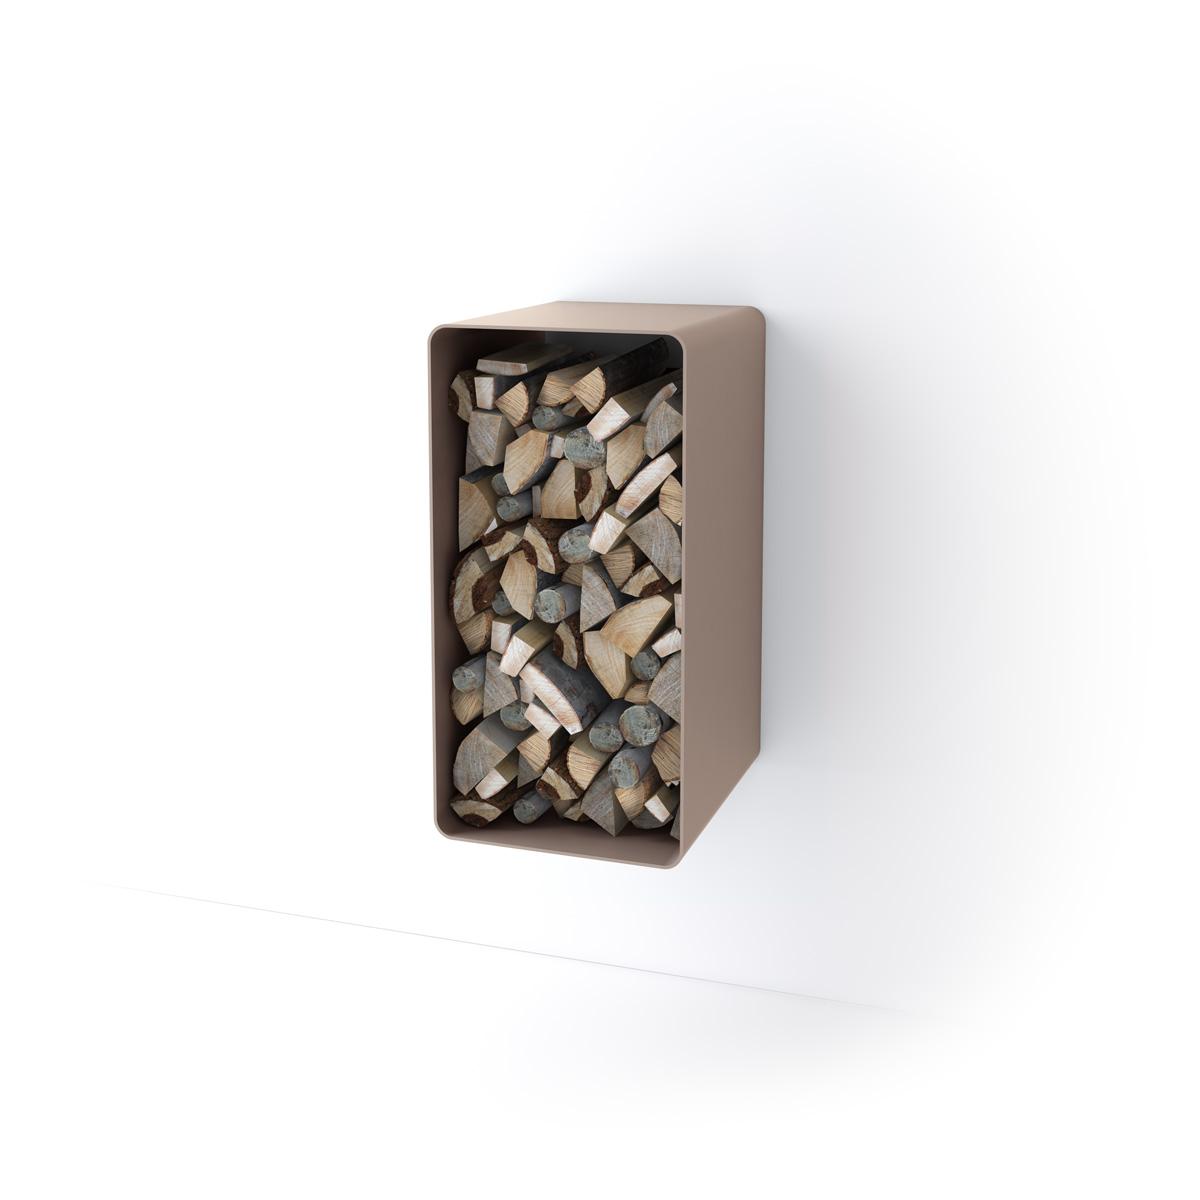 Stojan na dřevo FD4 krém metal